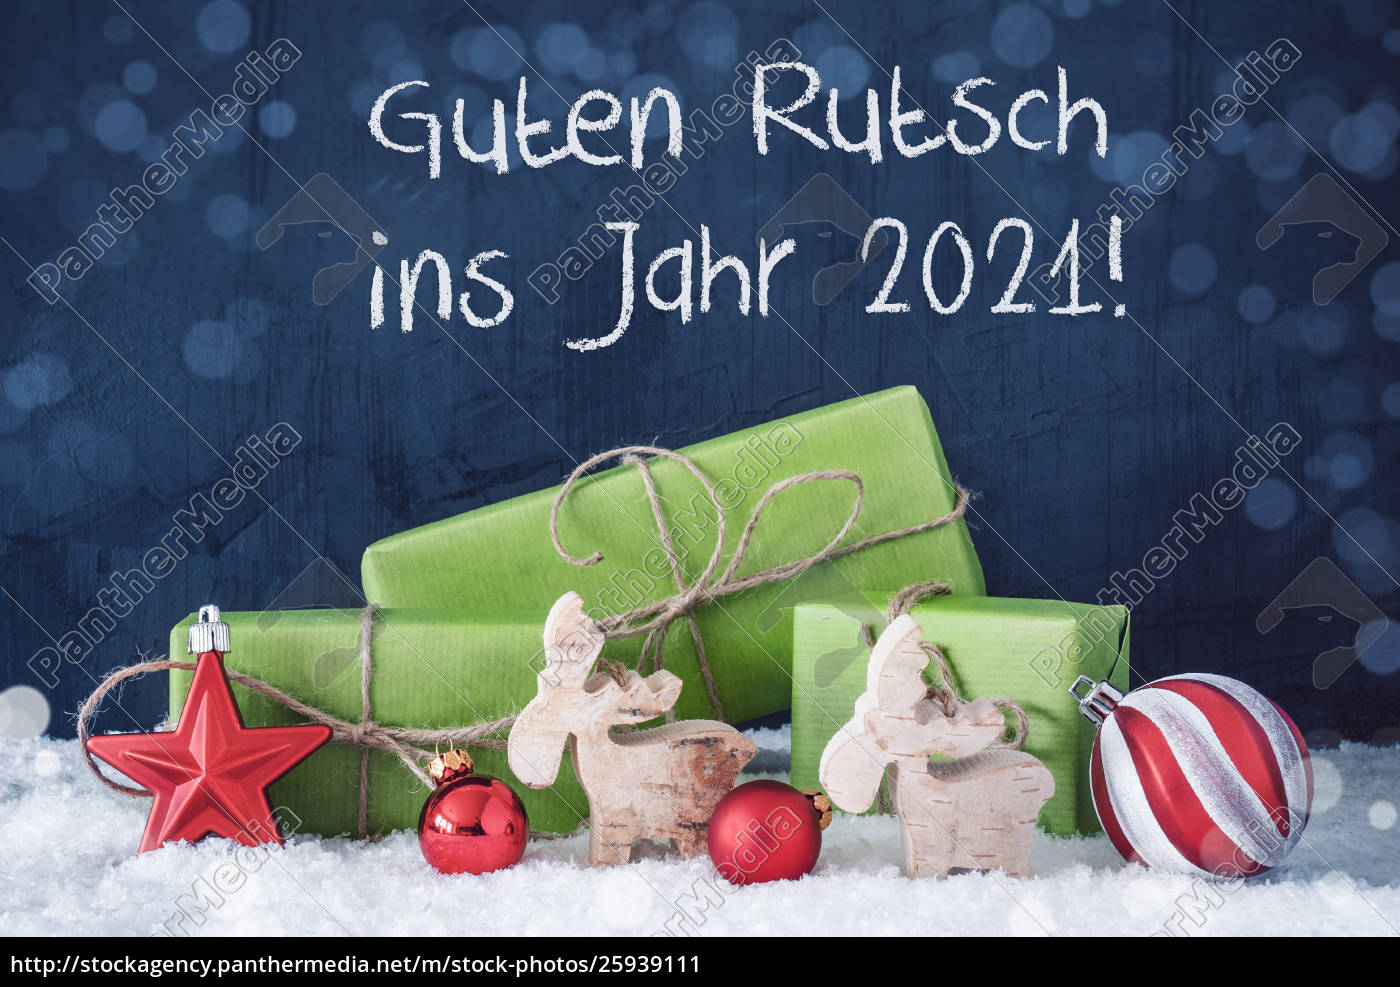 Guten Rutsch Ins Jahr 2021